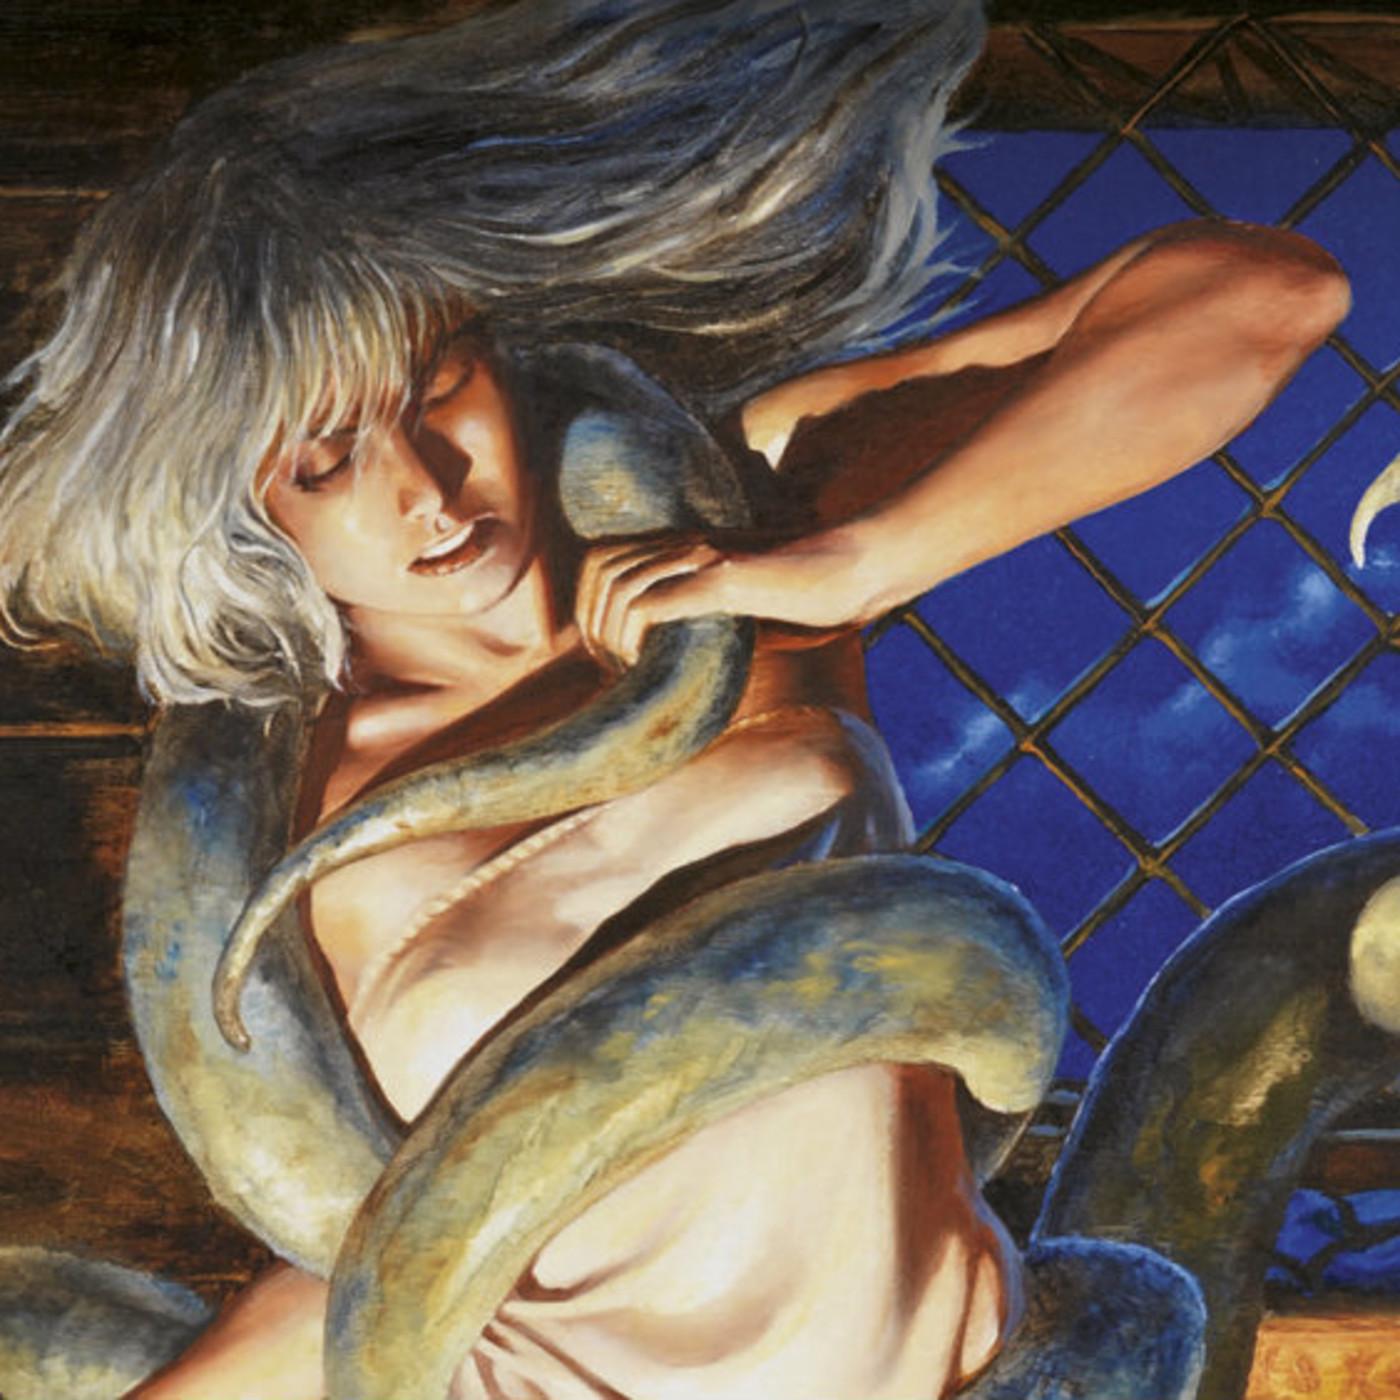 Marada. la mujer lobo, de Chris Claremont y John Bolton